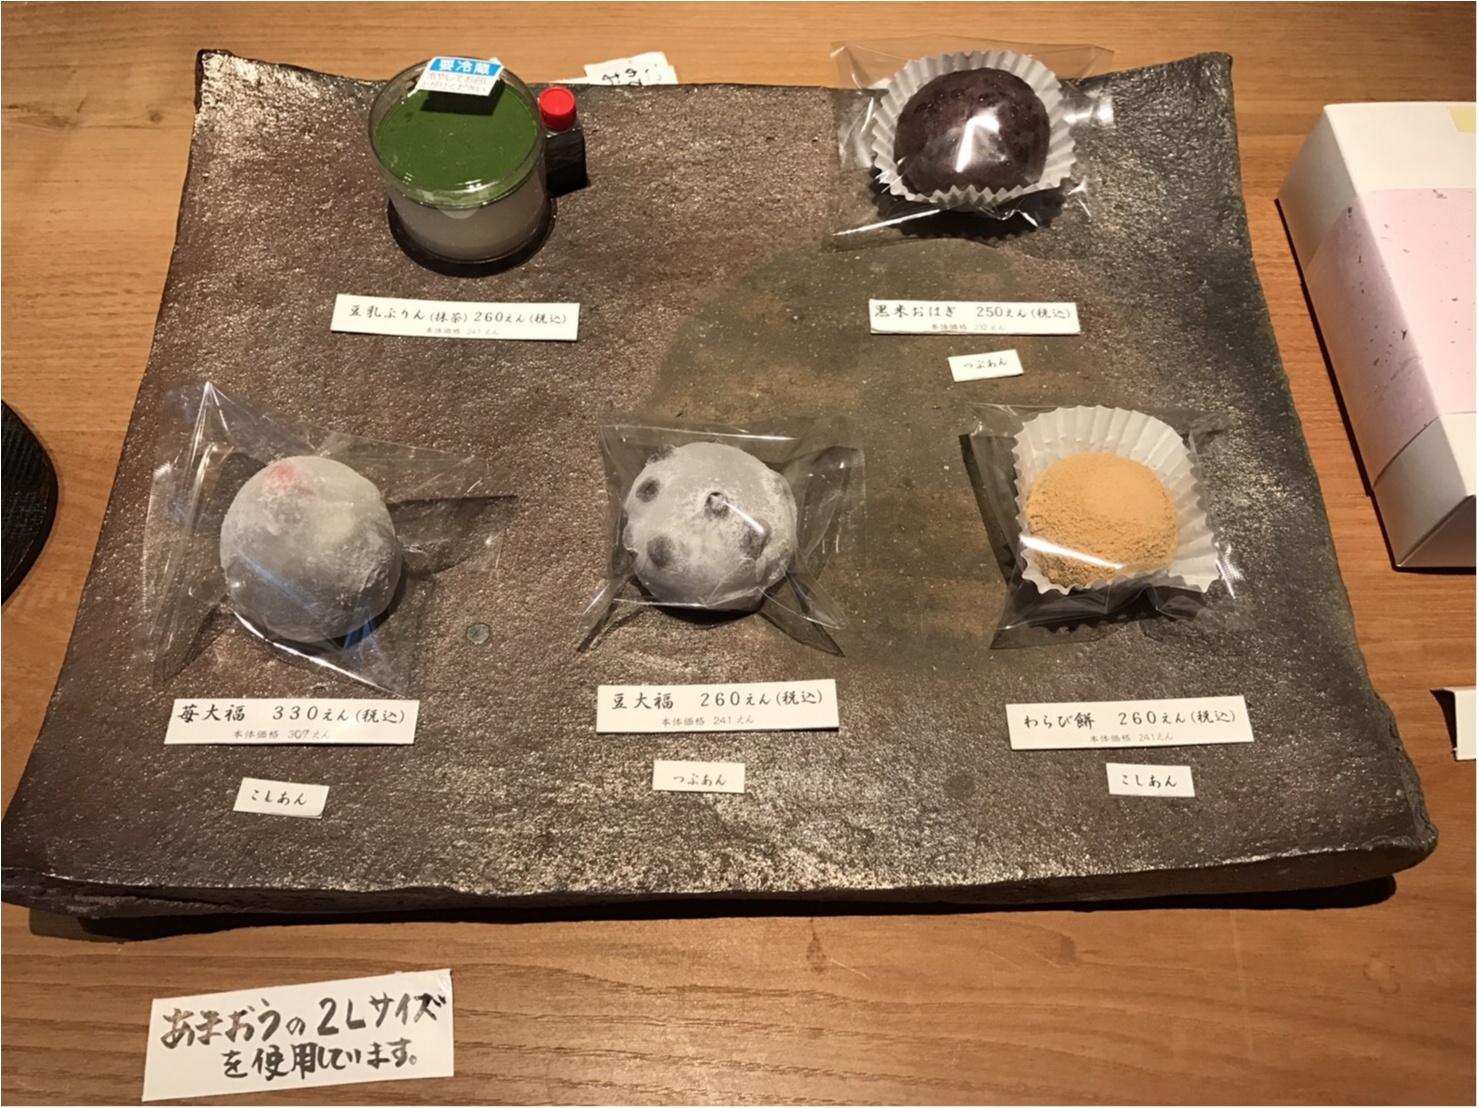 【季節限定】本当は秘密にしたい!!あまおう2Lサイズを使った南青山 和菓子⚫︎⚫︎のいちご大福_7